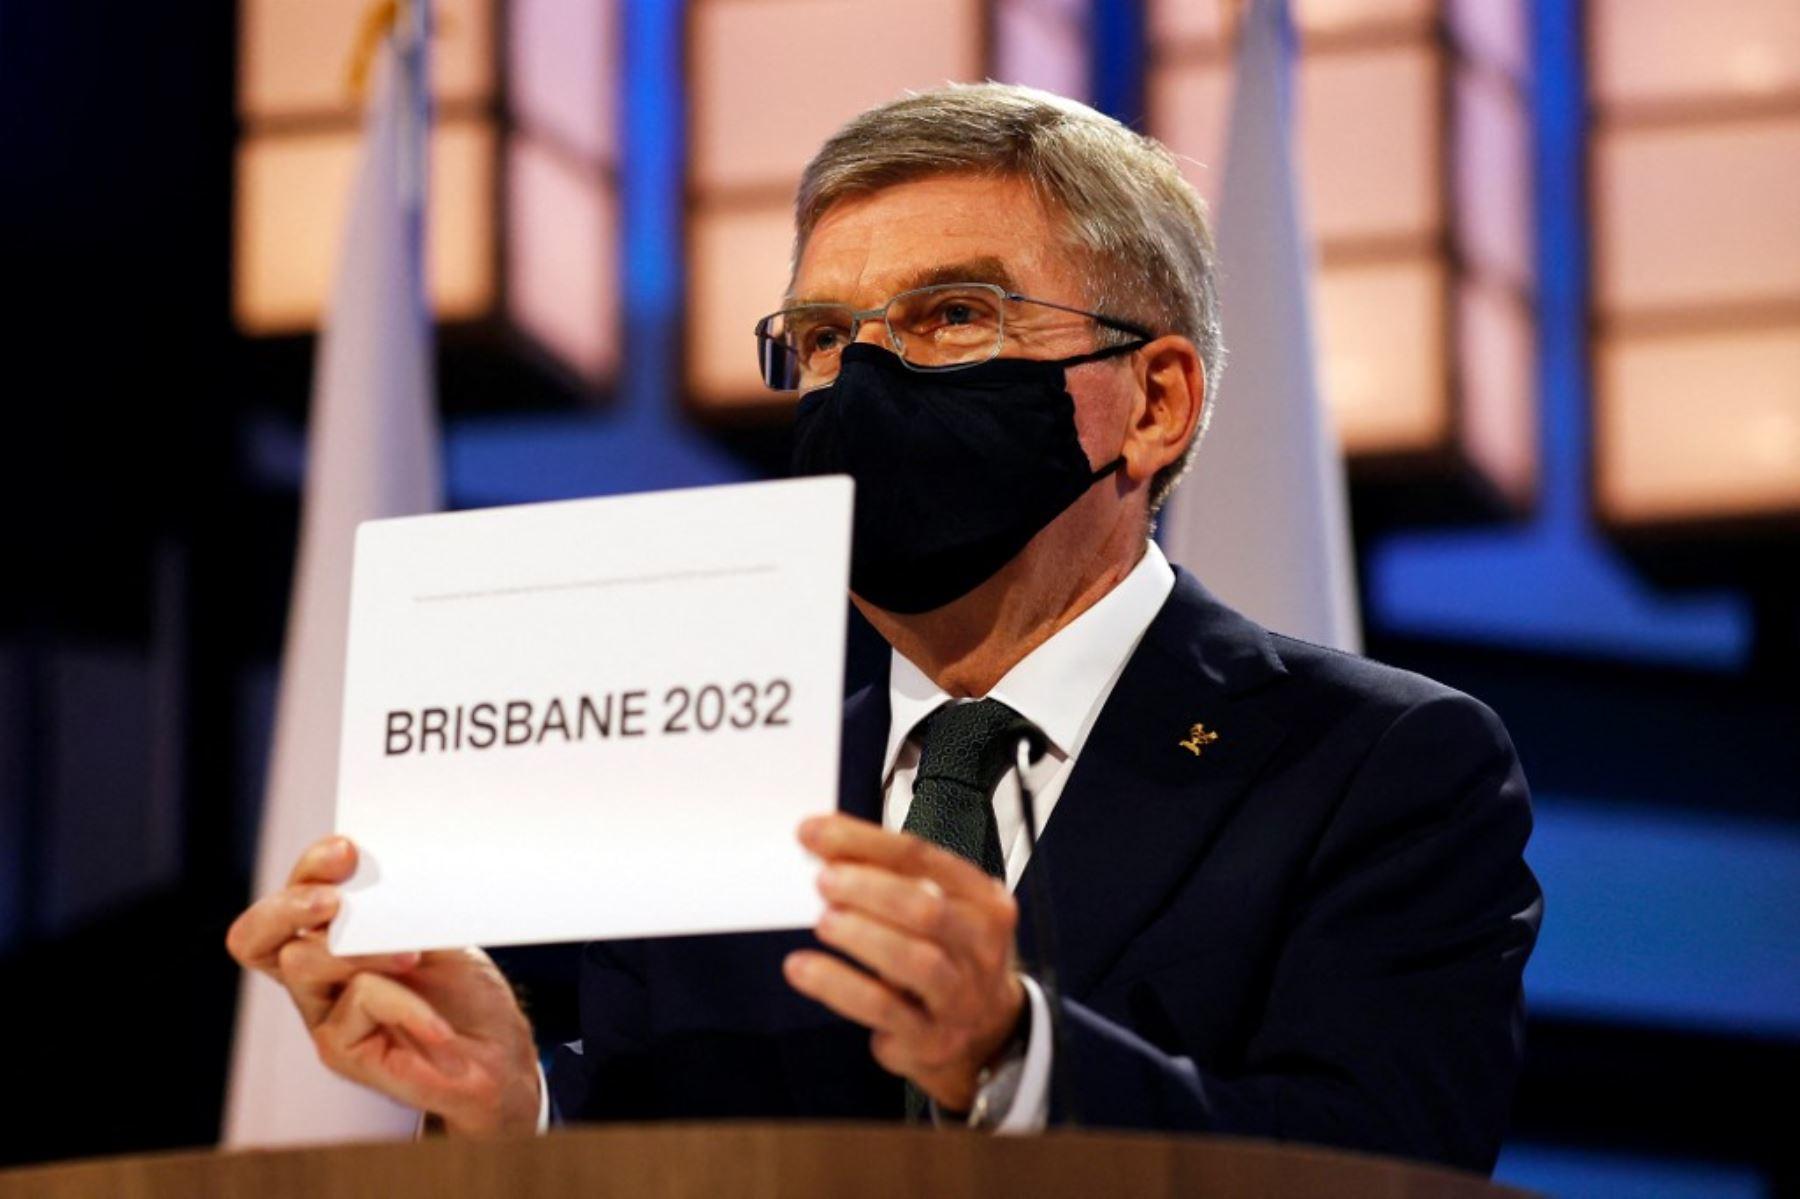 La ciudad australiana de Brisbane será sede de los Juegos Olímpicos de 2032